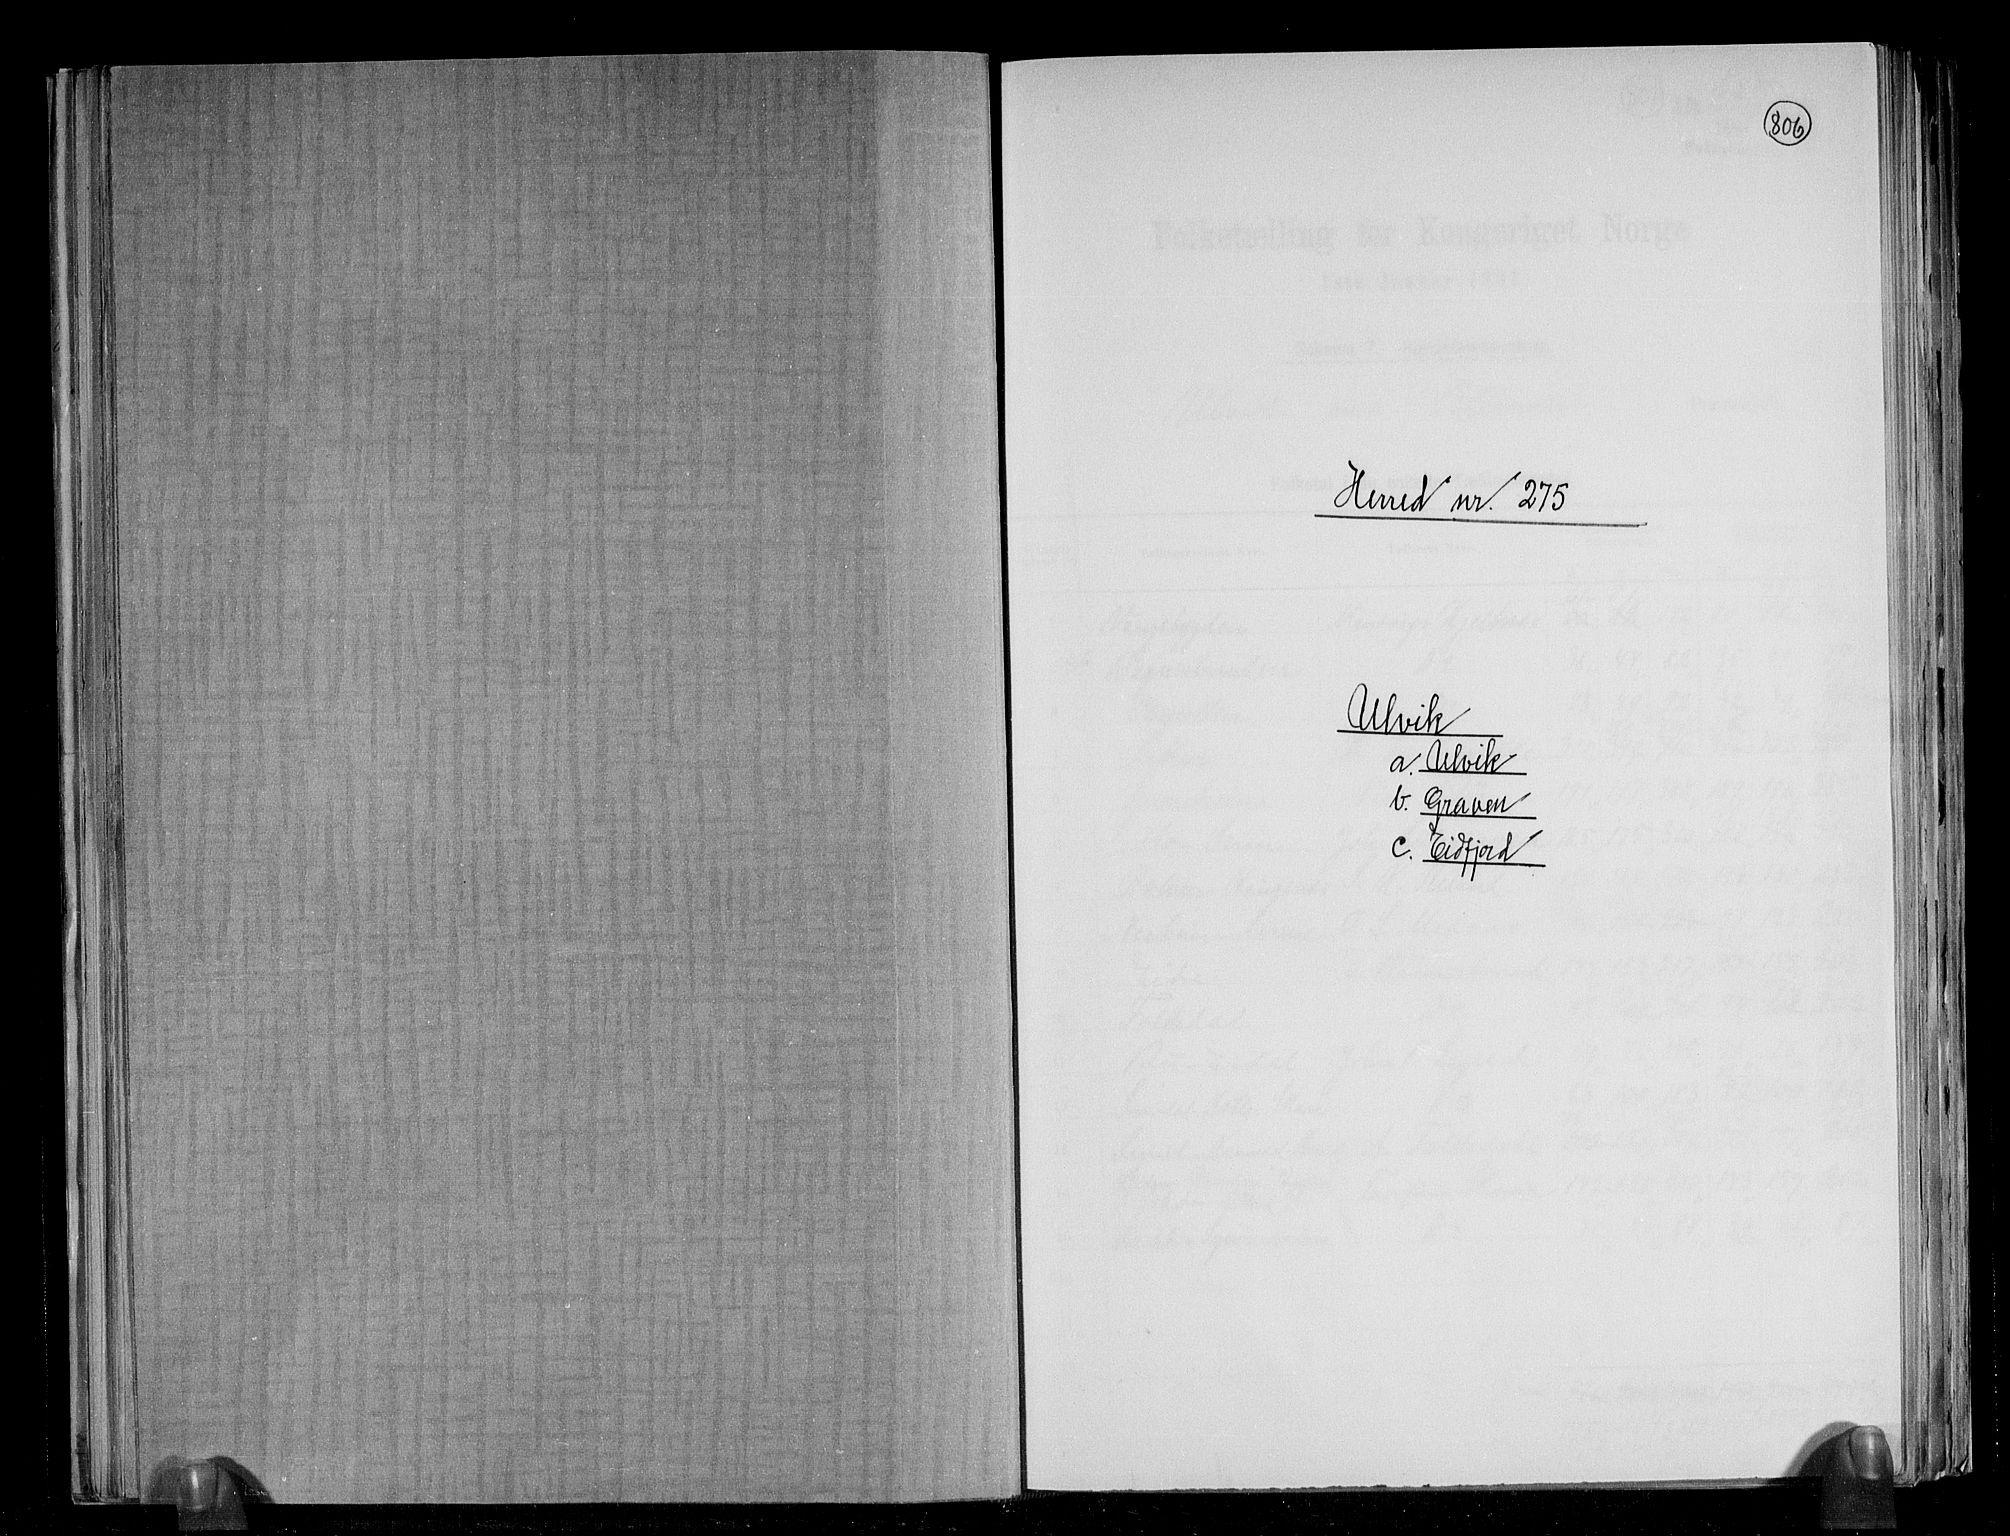 RA, Folketelling 1891 for 1233 Ulvik herred, 1891, s. 1